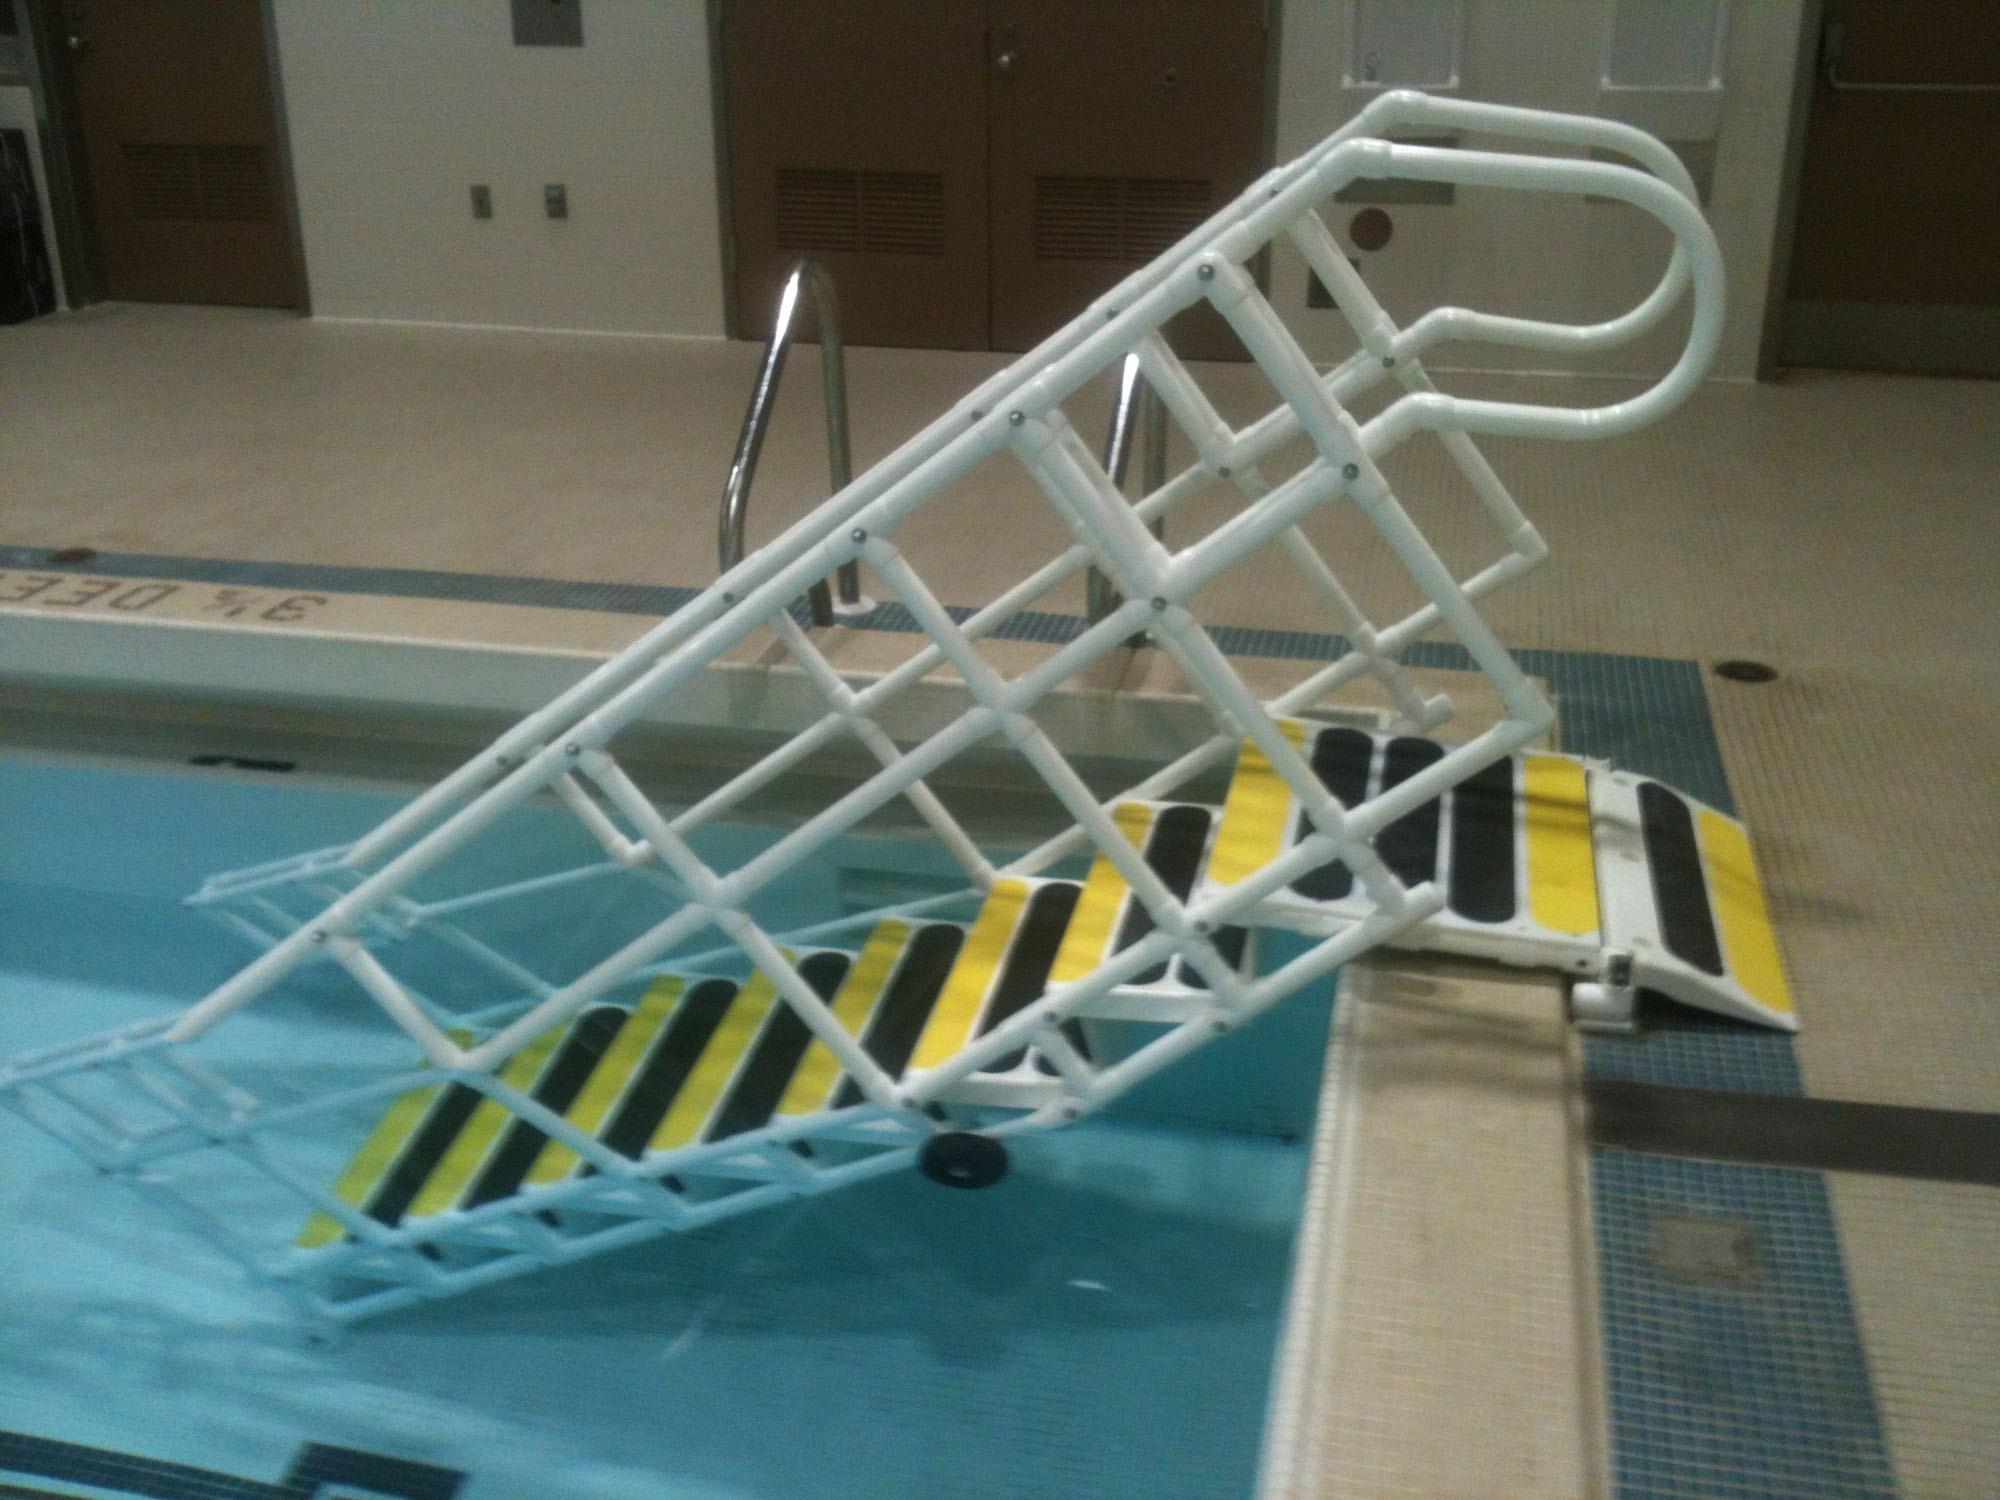 Aquatrek Ada Pool Steps | Handicap Rails For Steps | Grab Rail | Deck | Porch Railing | Bed Rails | Activated Led